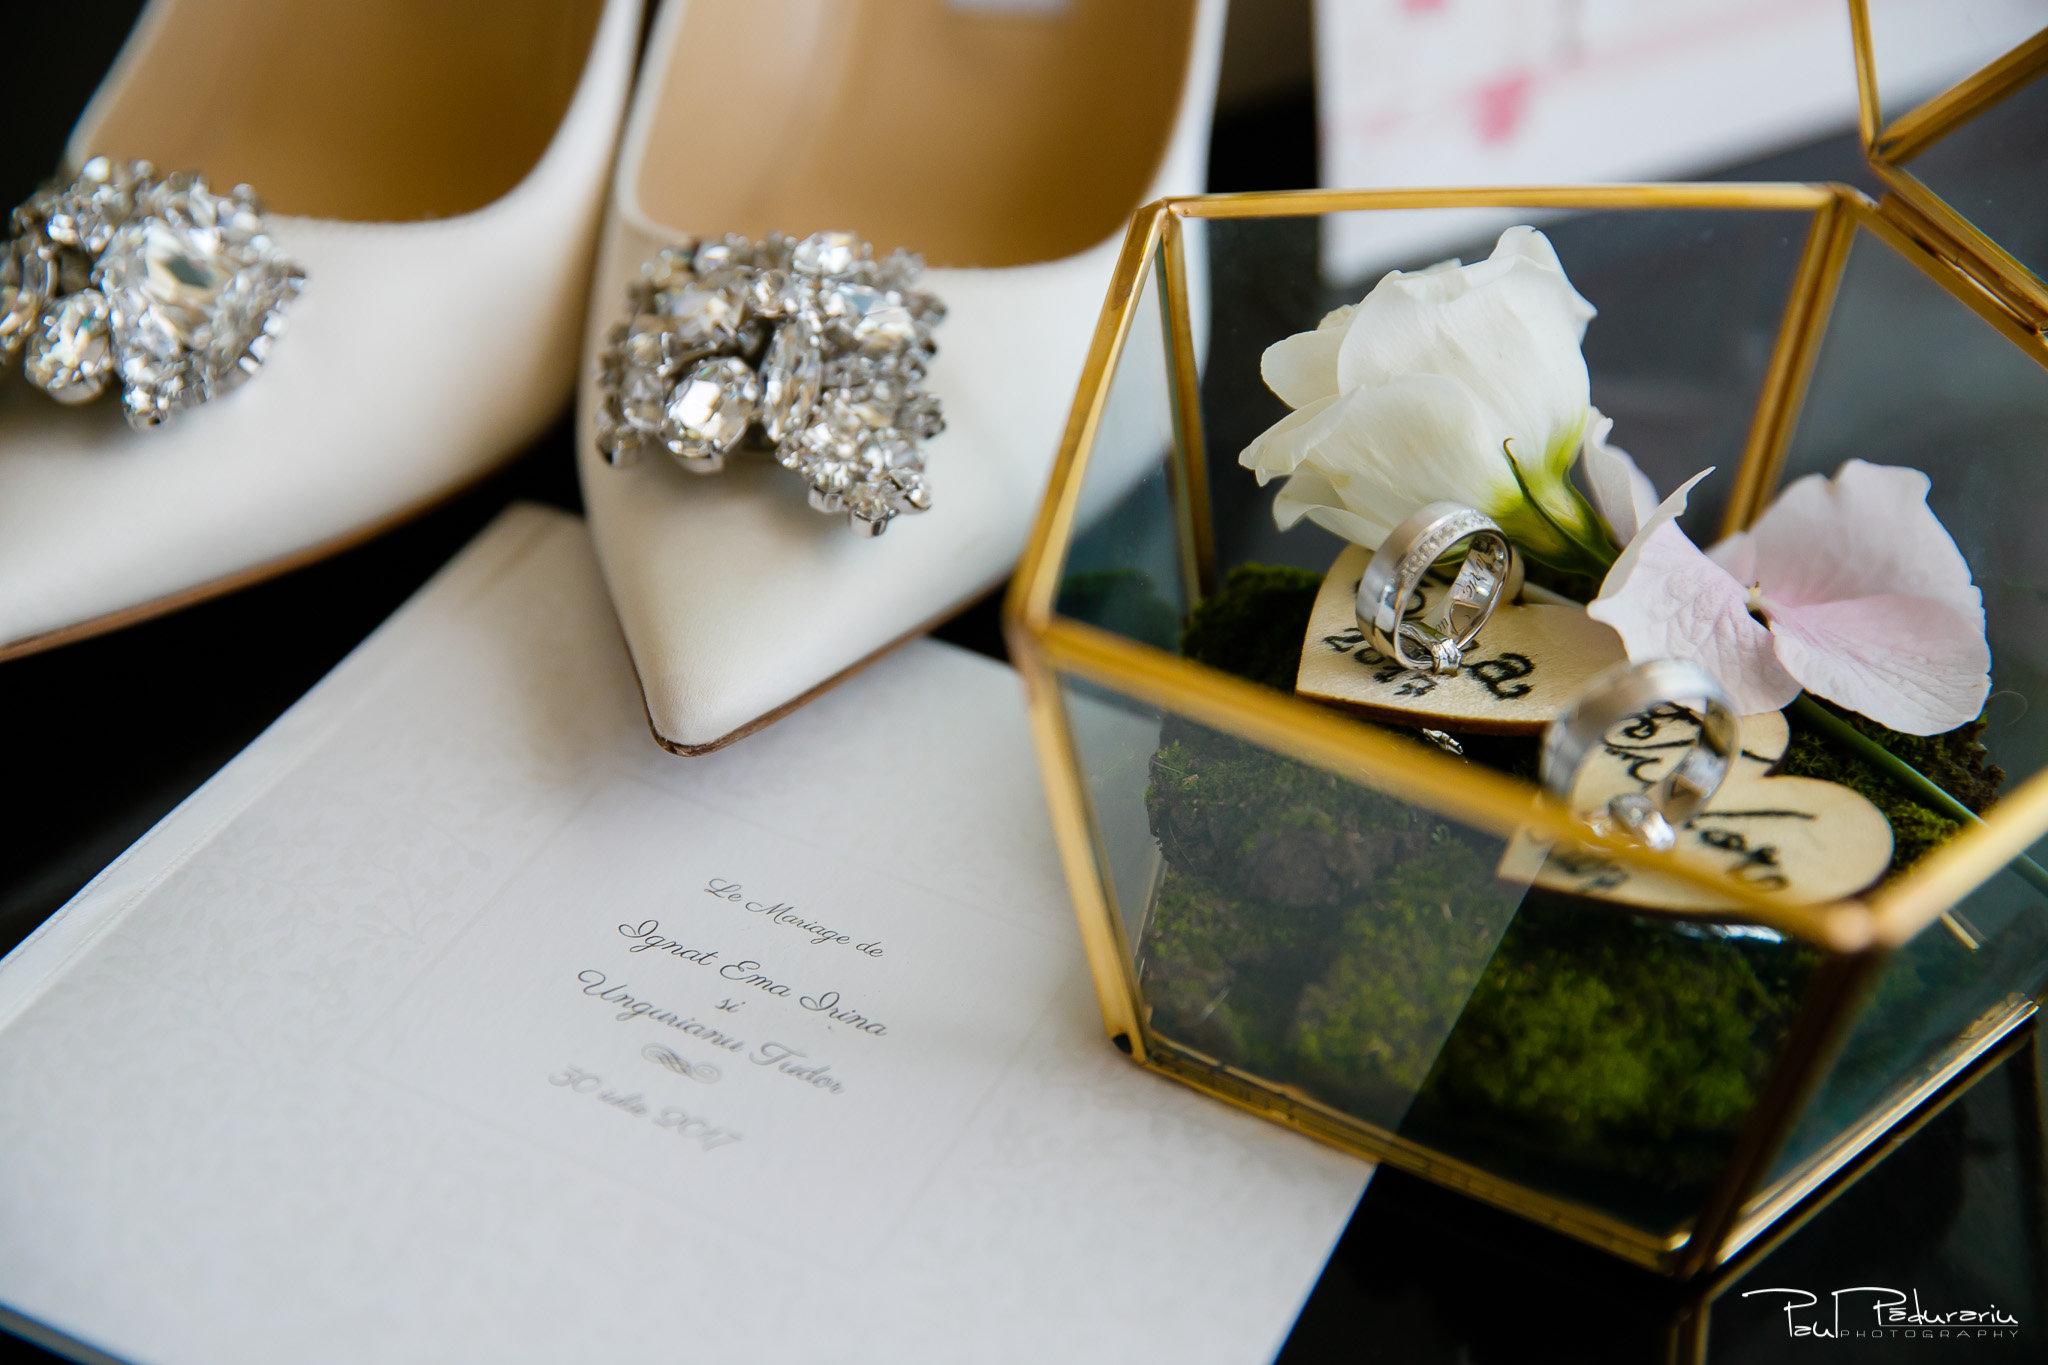 Pregatiri nunta Ema si Tudor fotograf de nunta iasi www.paulpadurariu.ro © 2017 Paul Padurariu accesorii mireasa